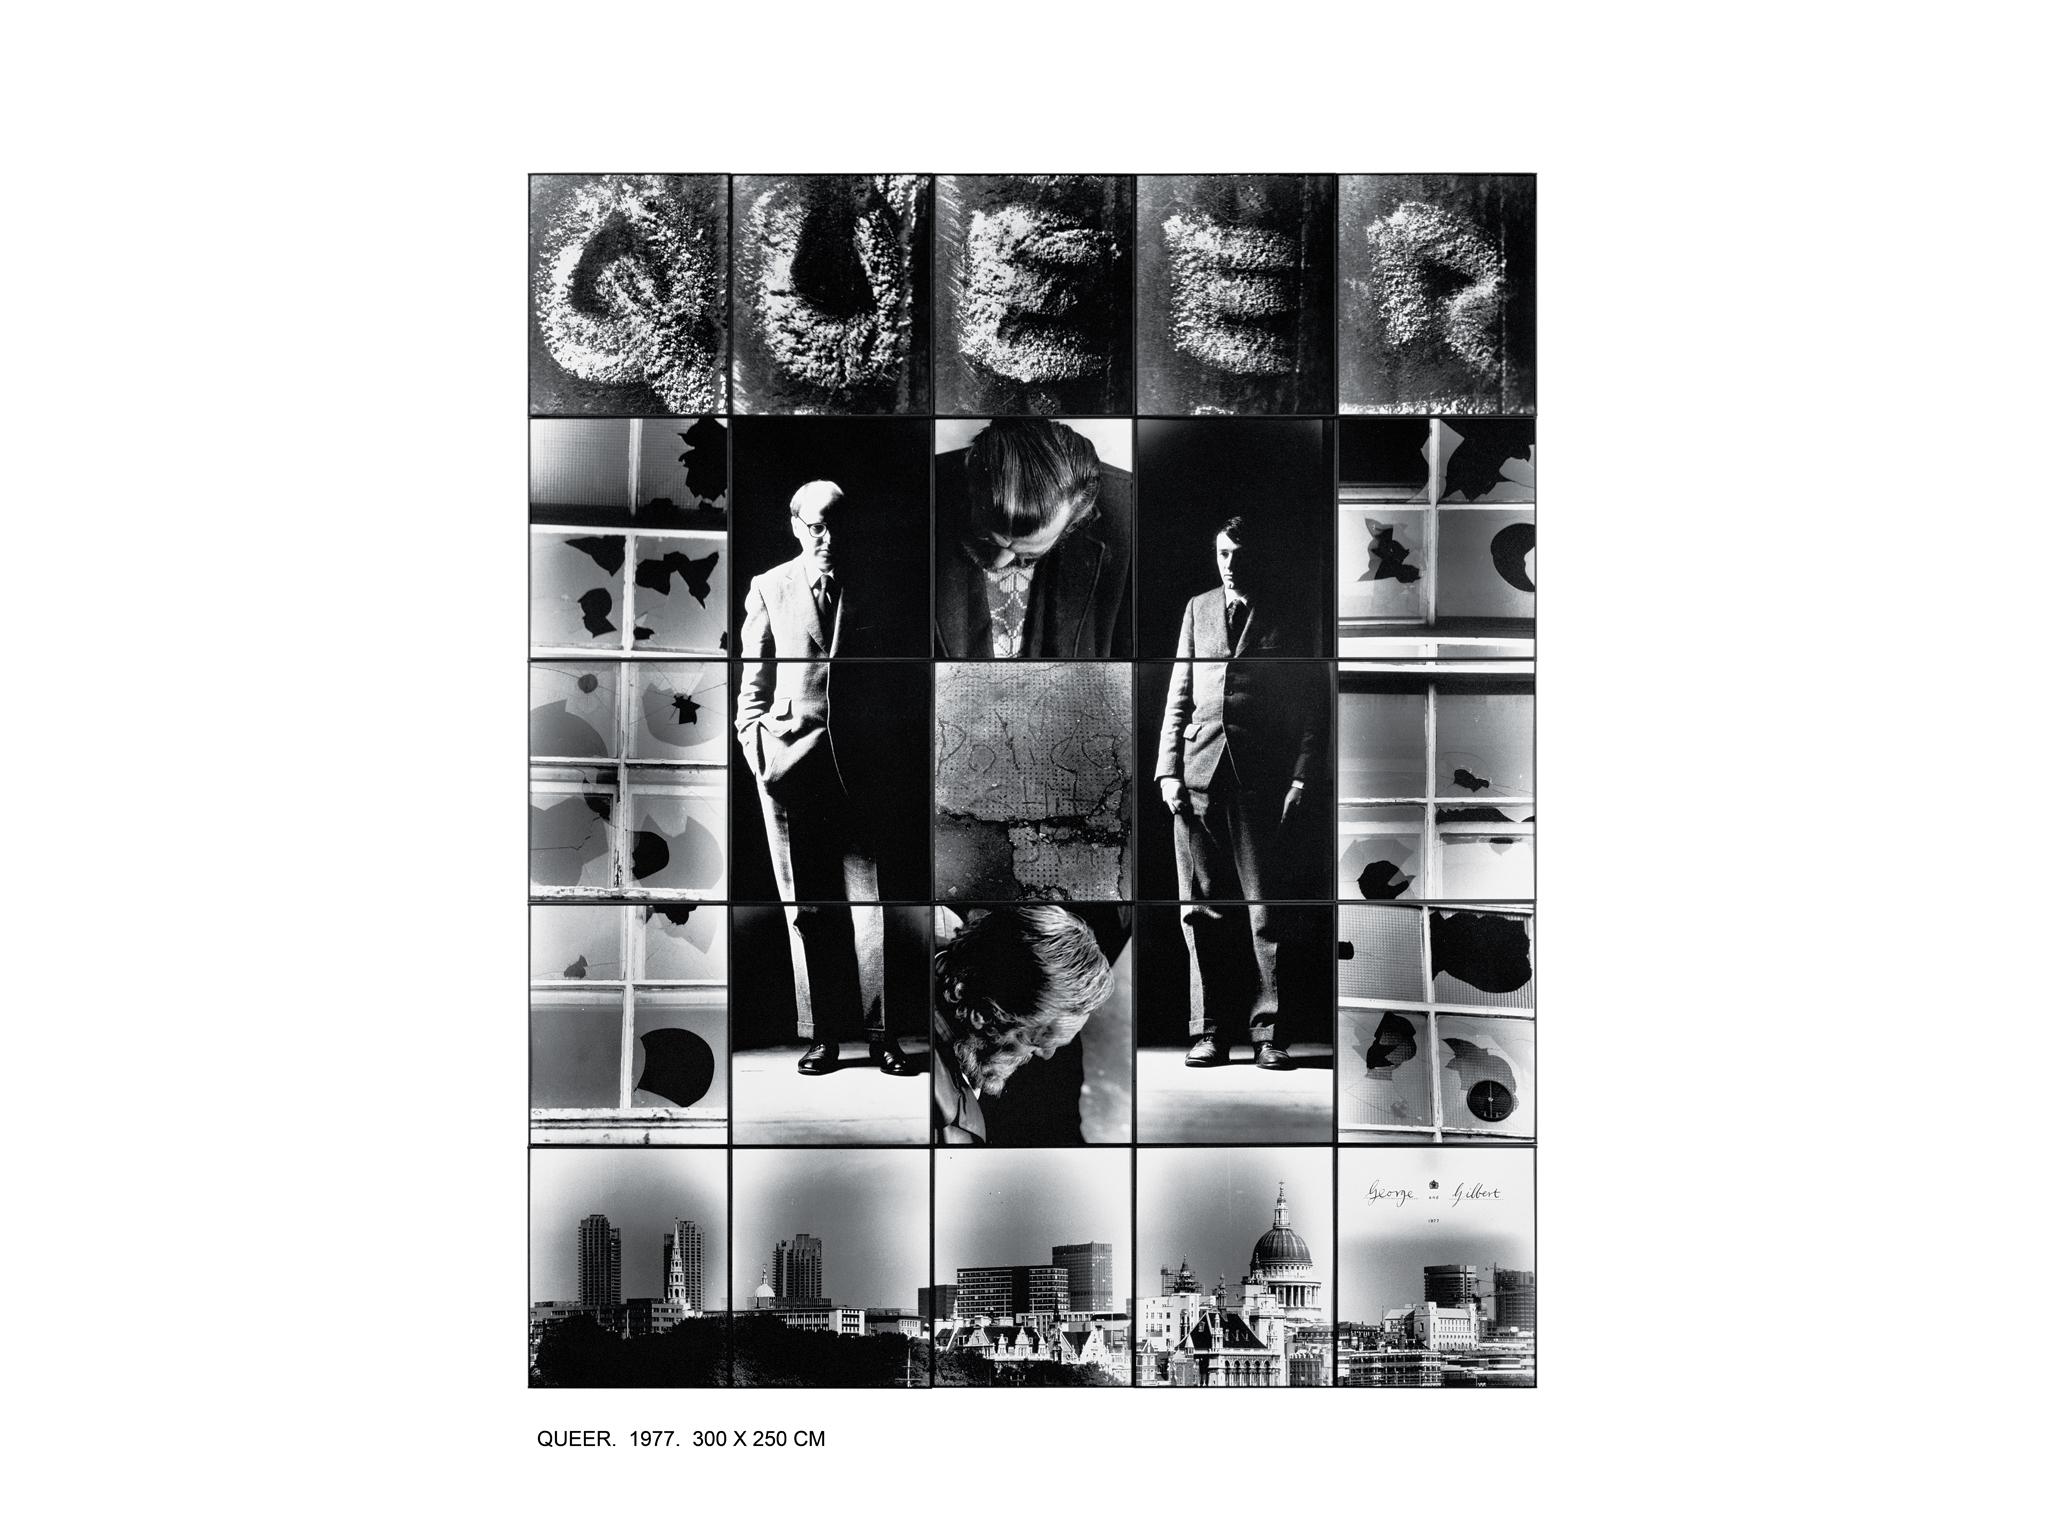 Gilbert & George: Queer